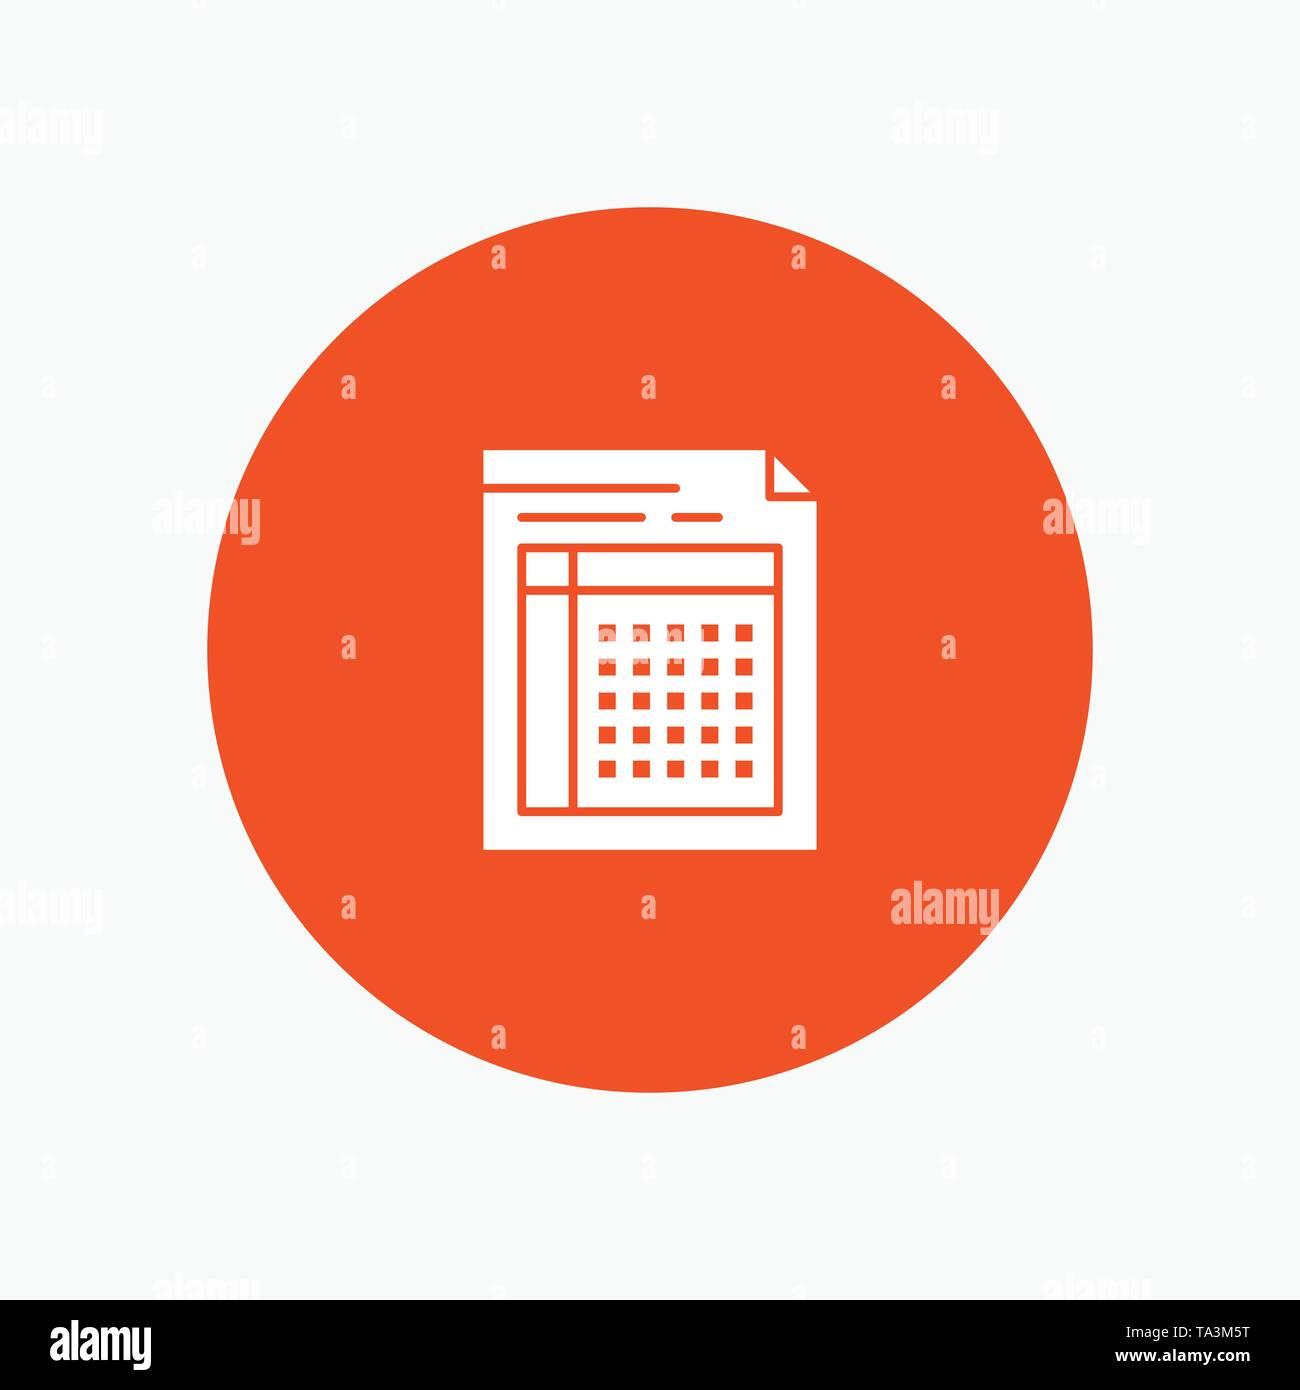 Prüfung, Bill, Dokument, Datei, Form, Rechnung, Papier, Blatt Stockbild